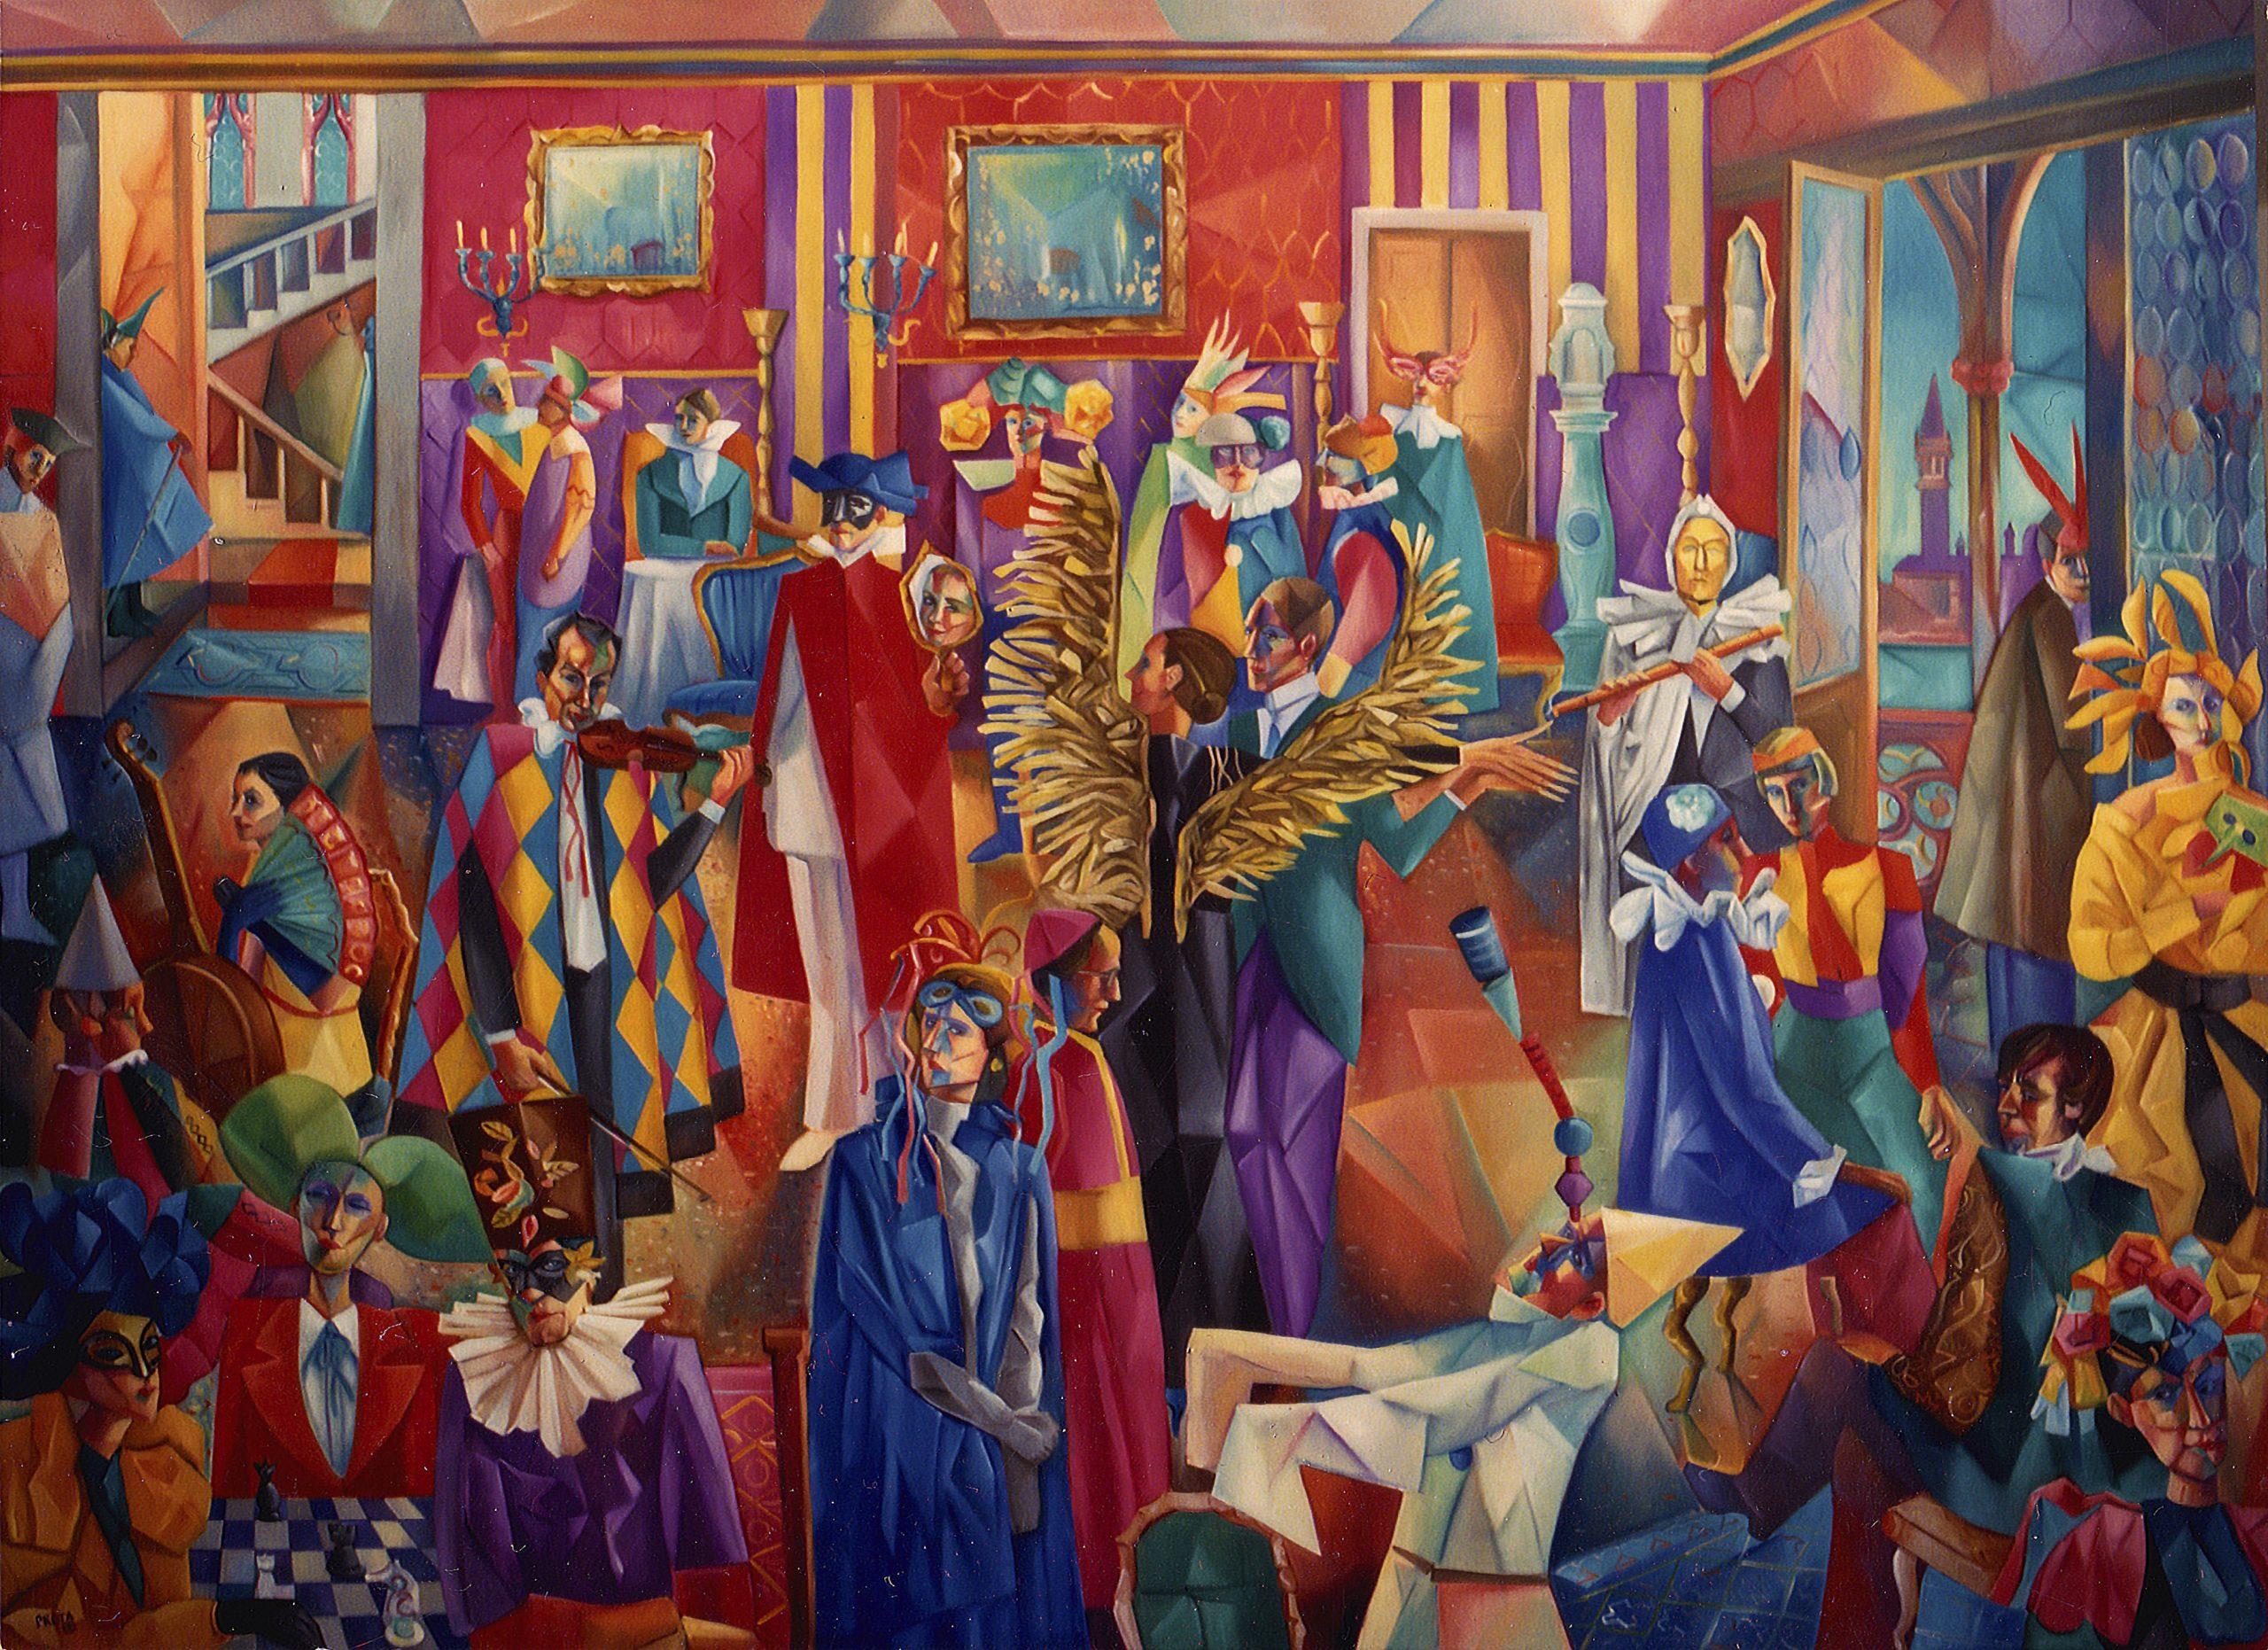 2000 - Carnevale In Casa A Venezia - 160x220 cm